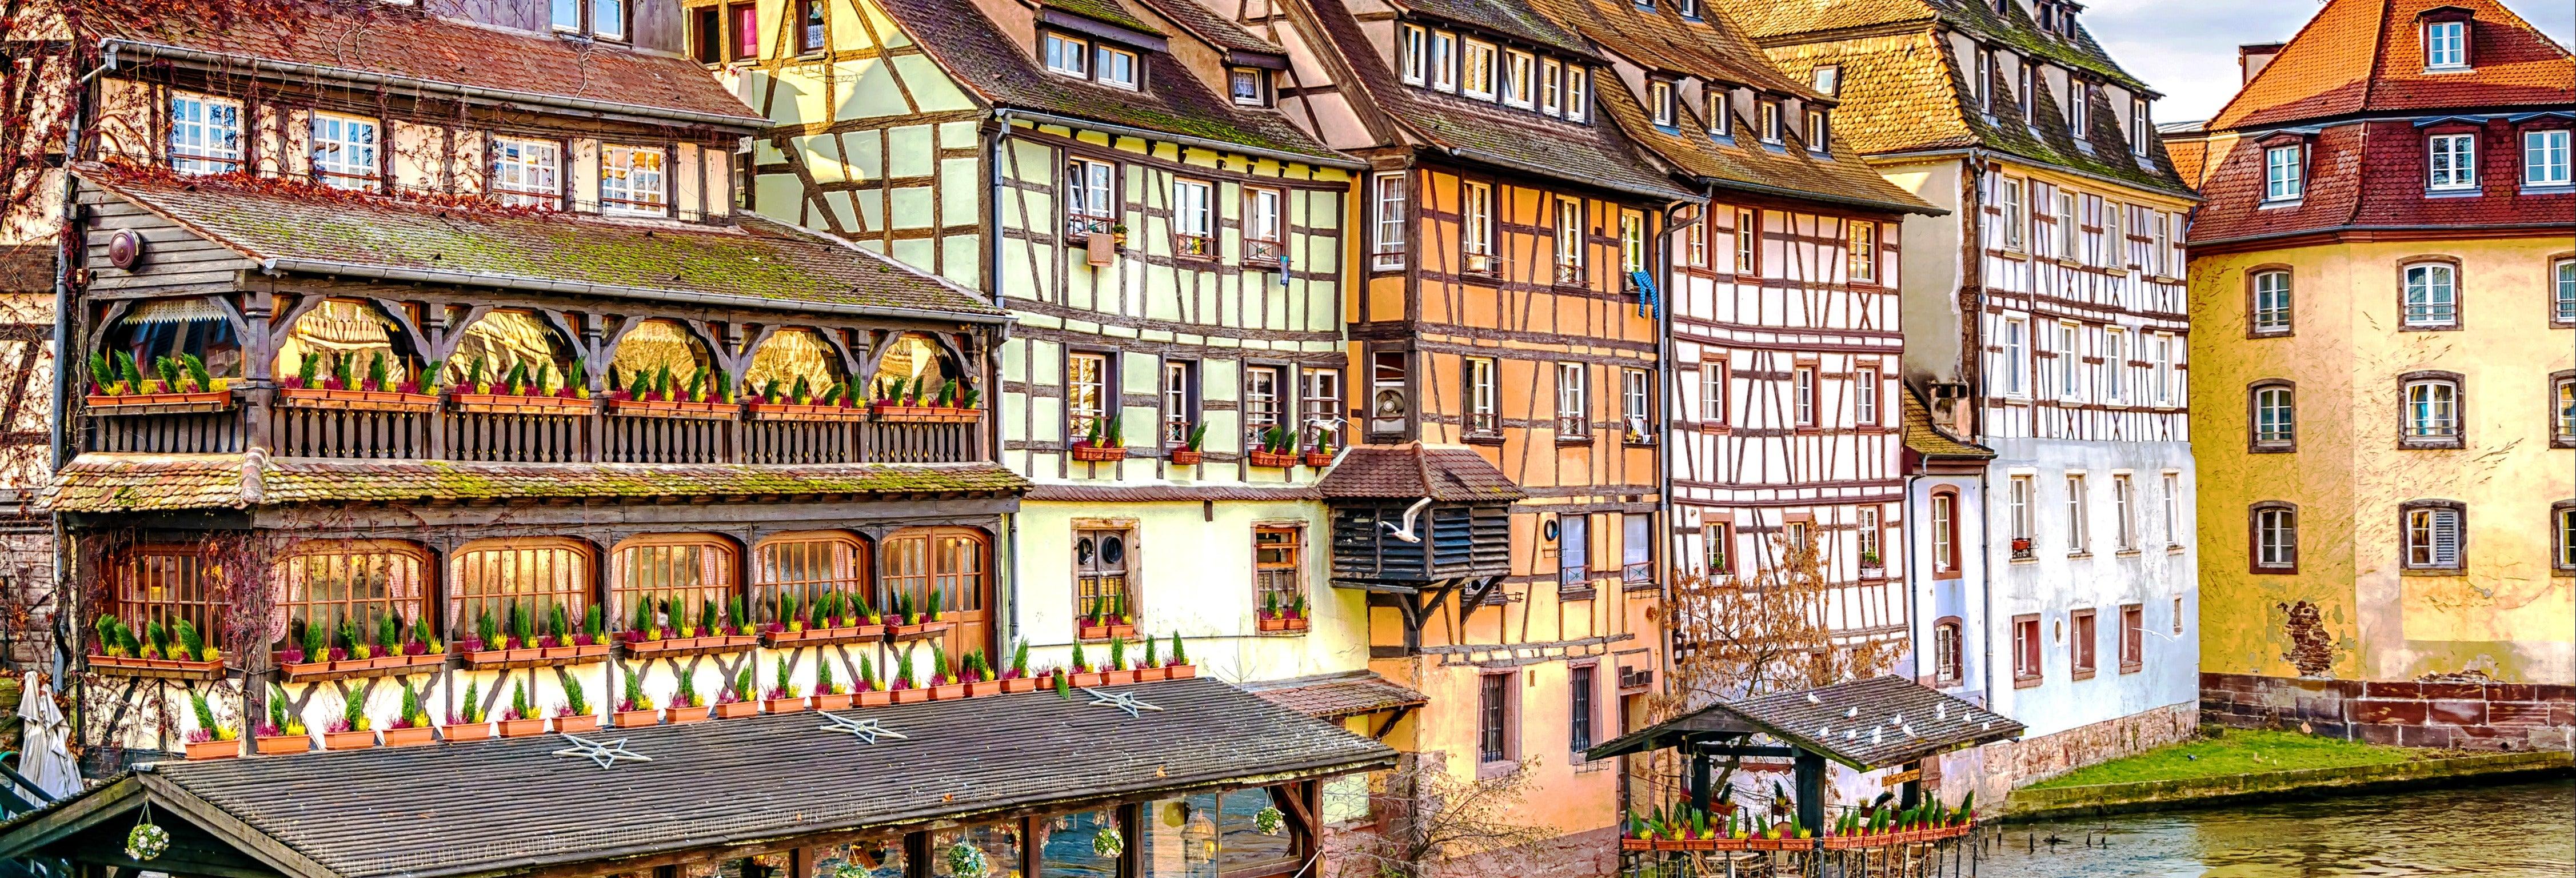 Free Walking Tour of Strasbourg